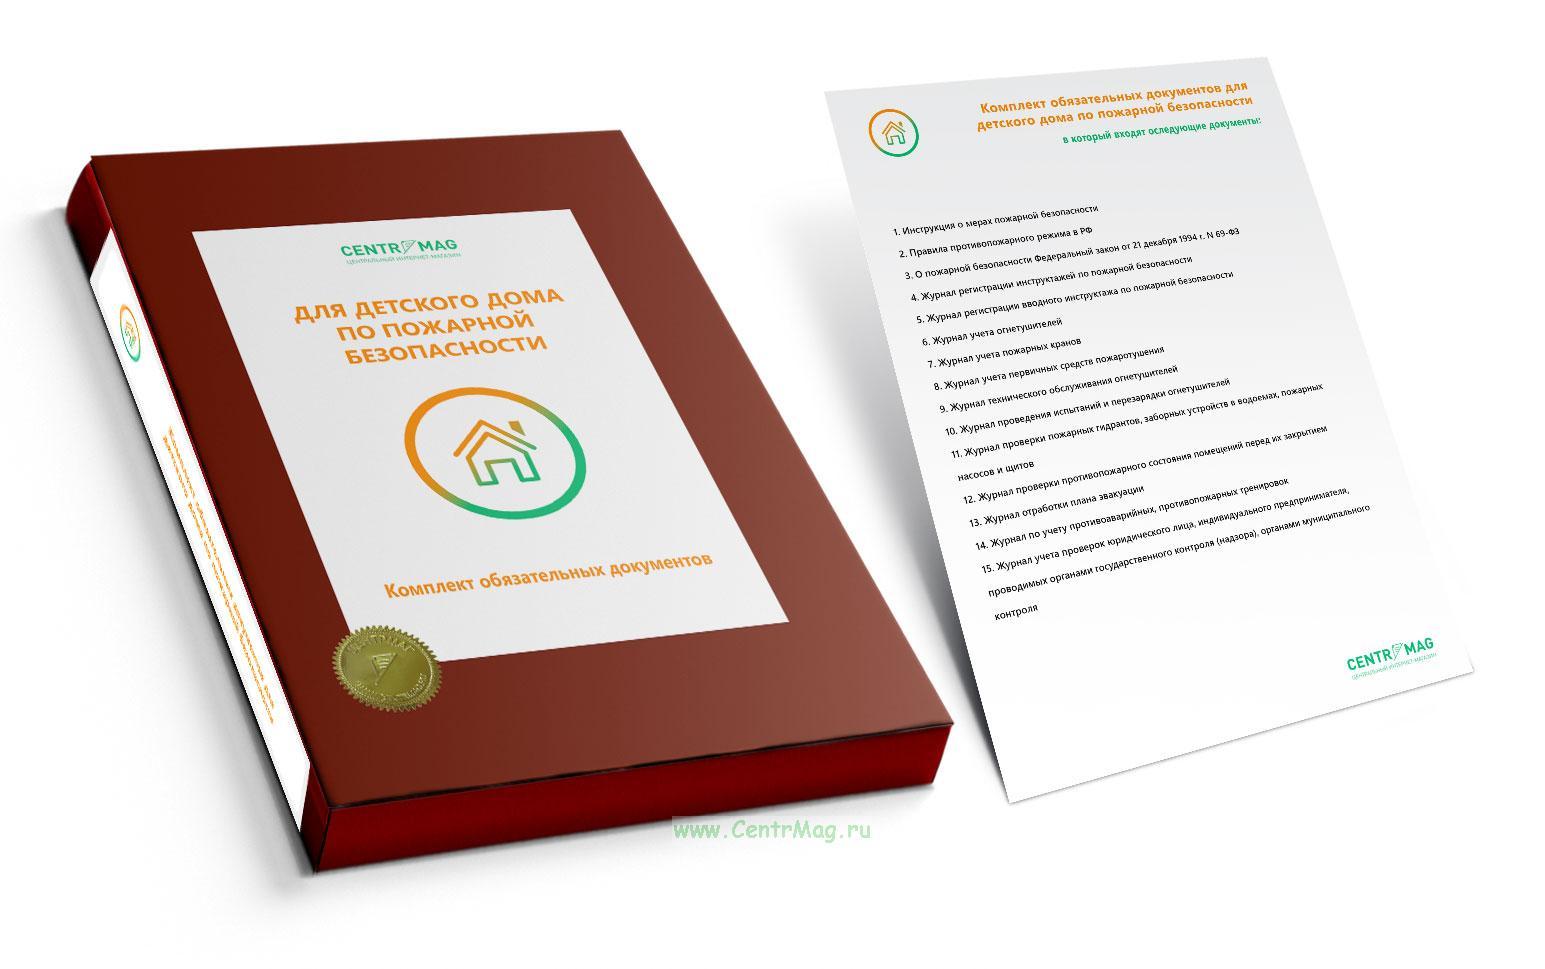 Комплект обязательных документов для детского дома по пожарной безопасности